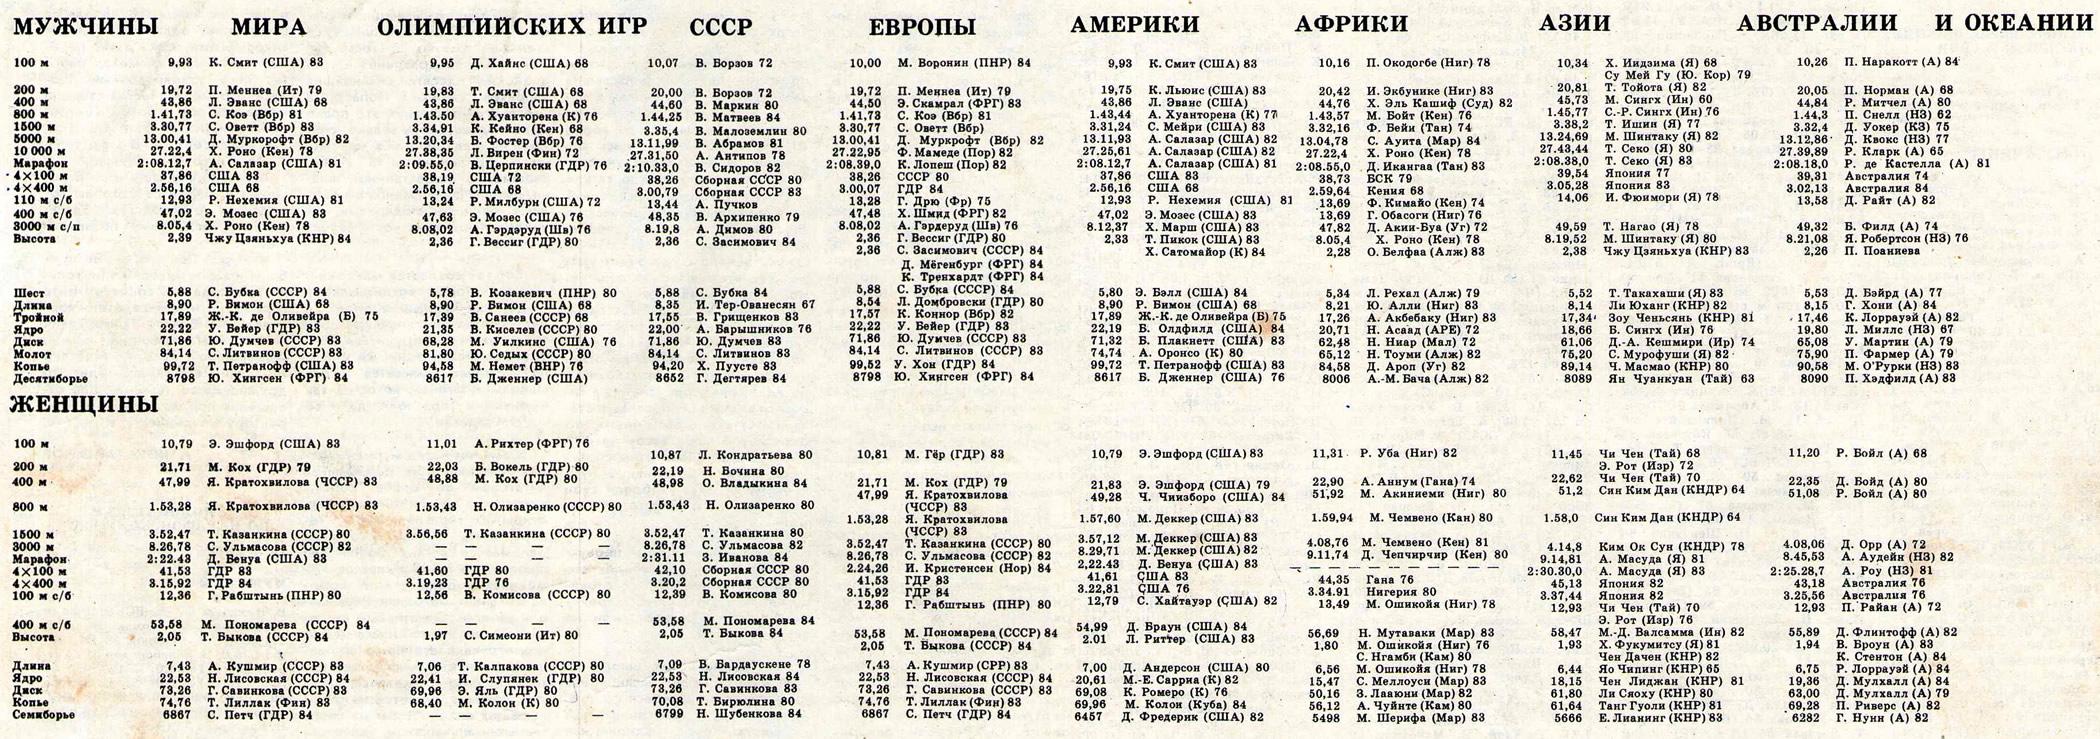 Таблица рекордов в легкой атлетике 1983